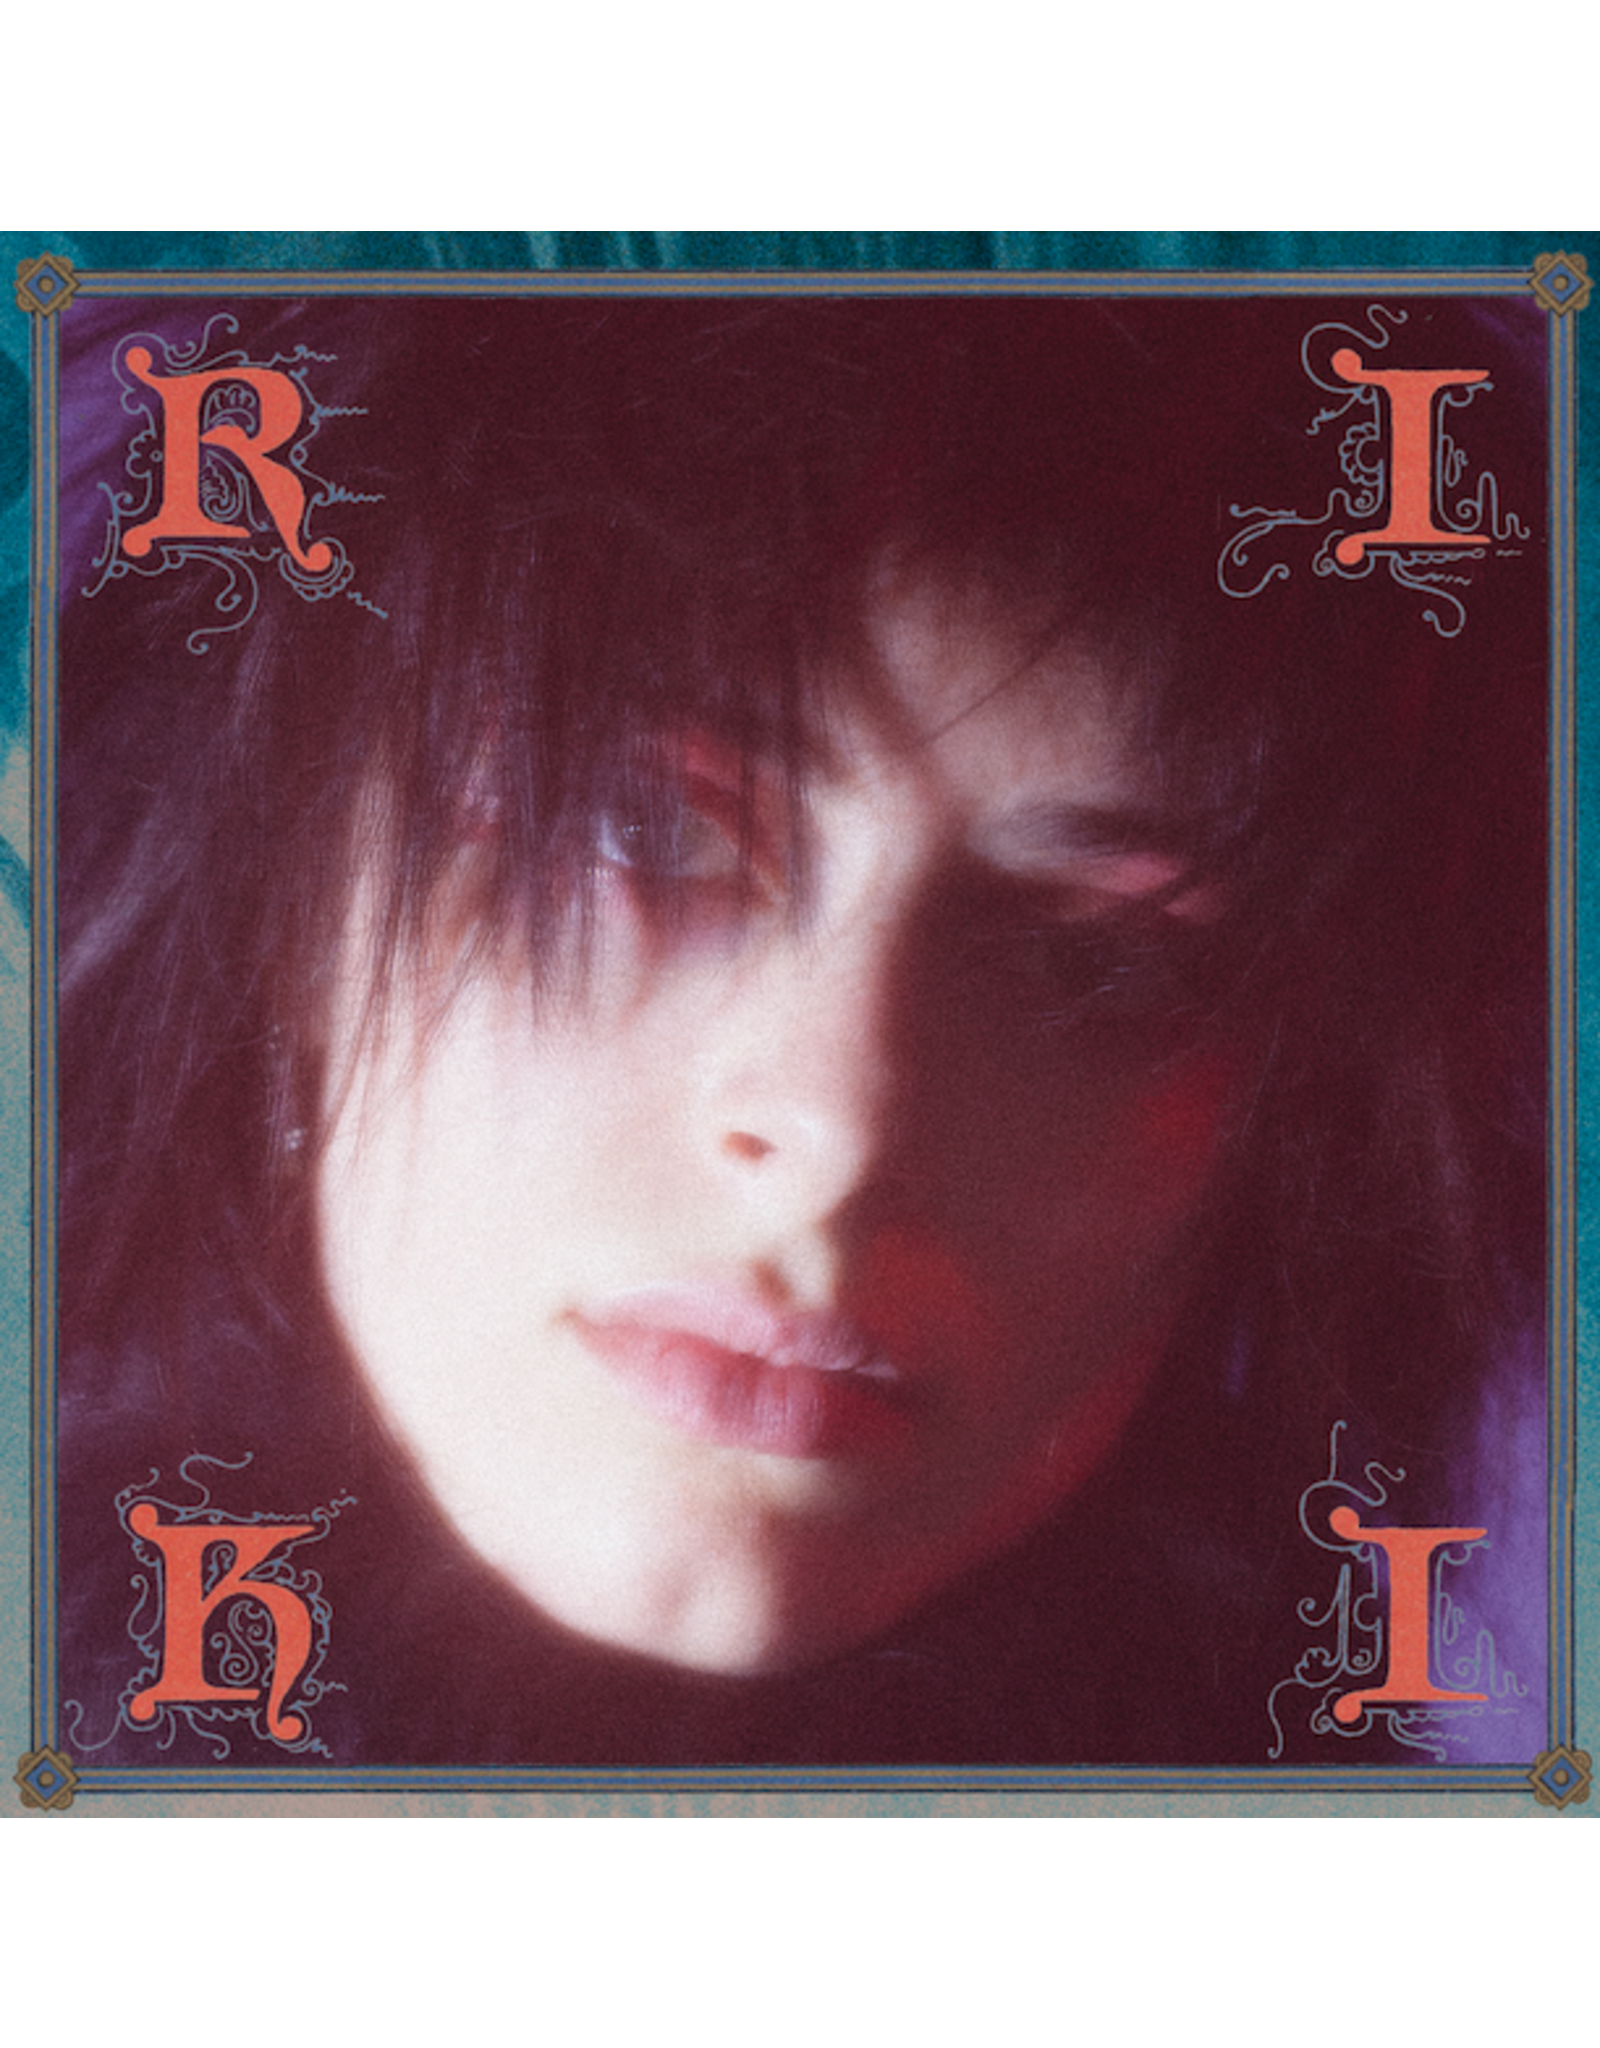 Riki - S/T LP